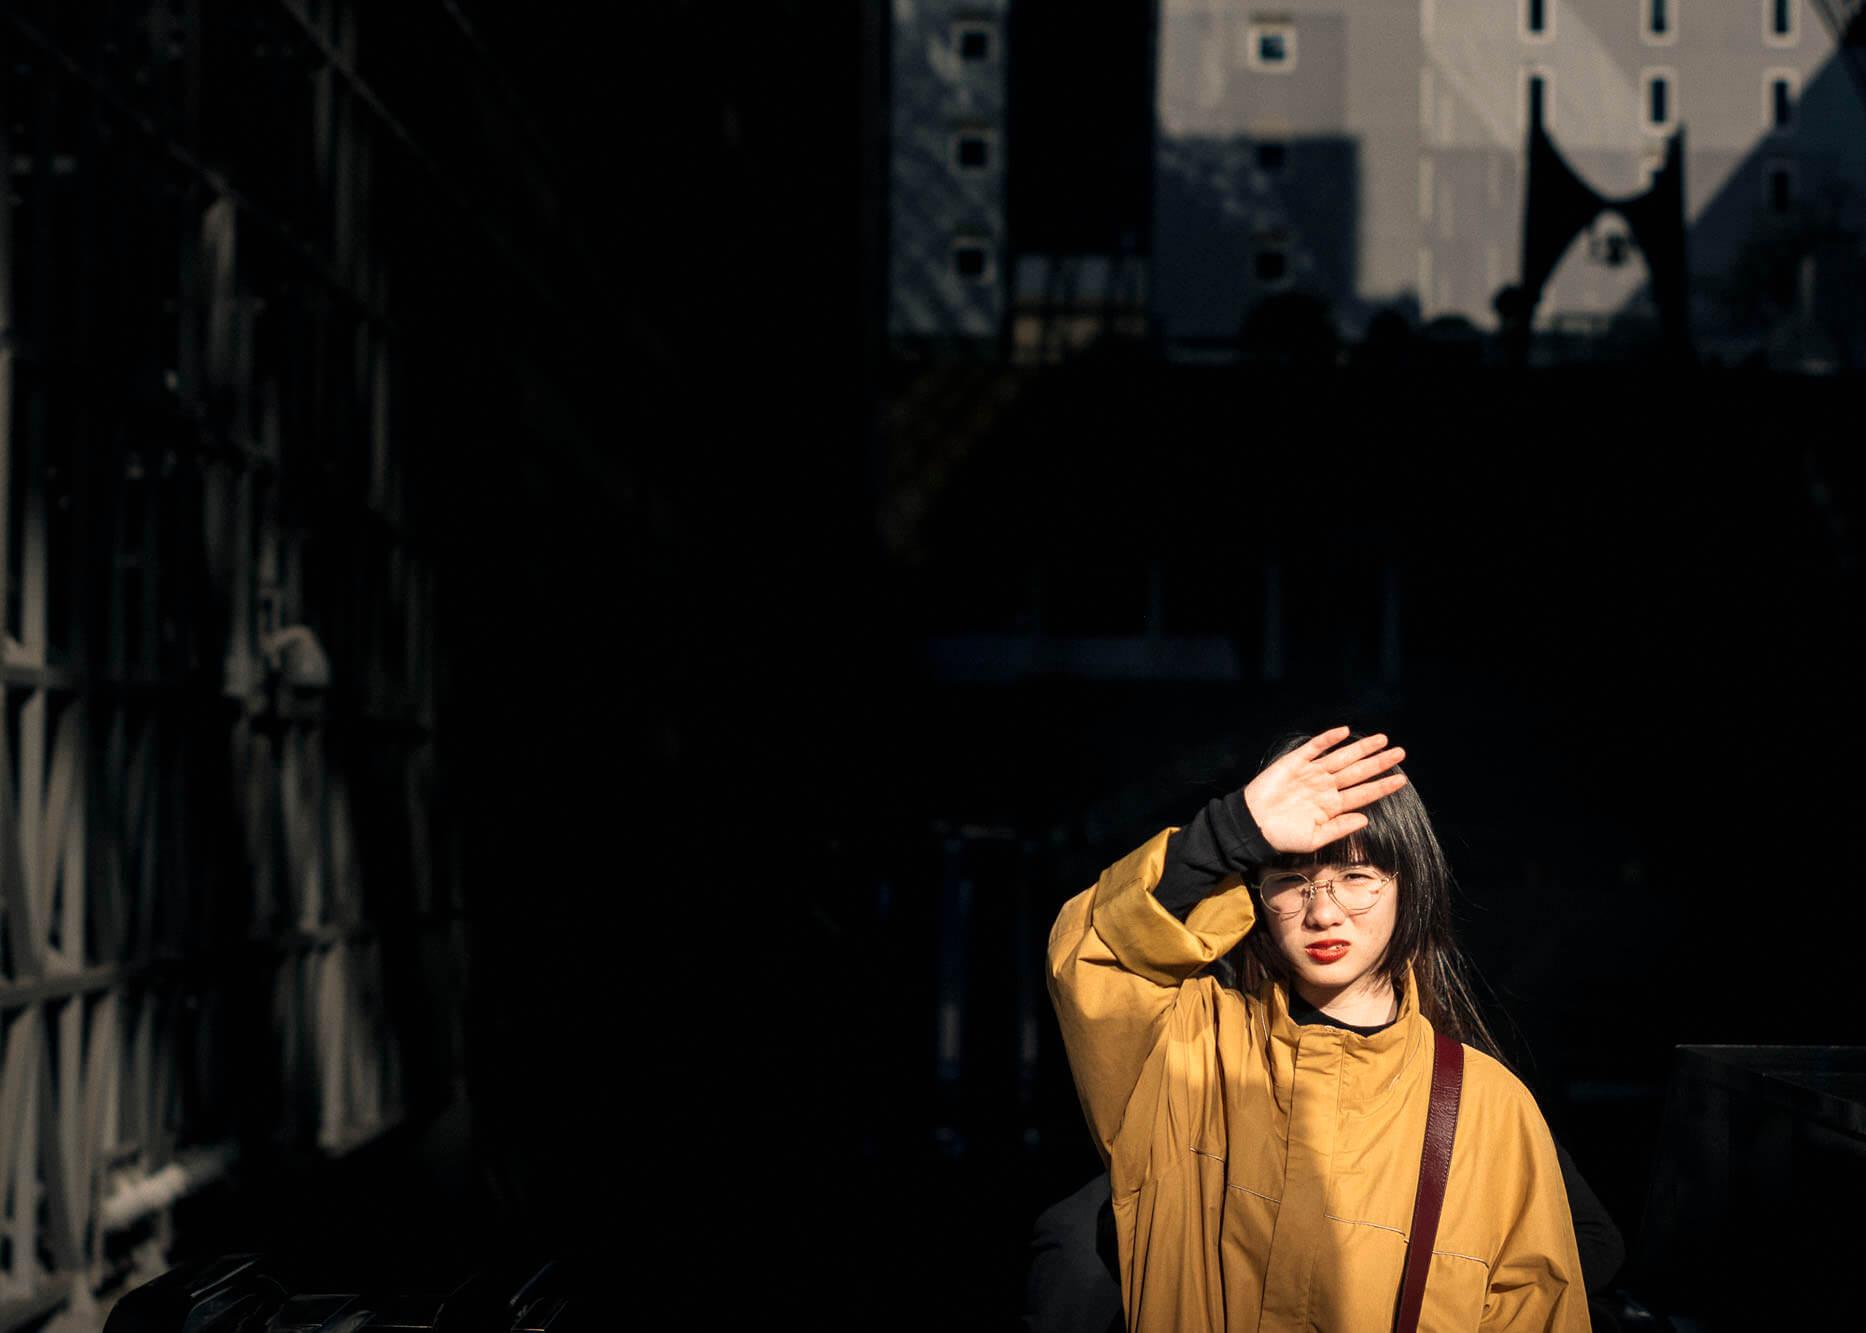 13_2018_03_yume_mugen_kyoto_b_0729_1